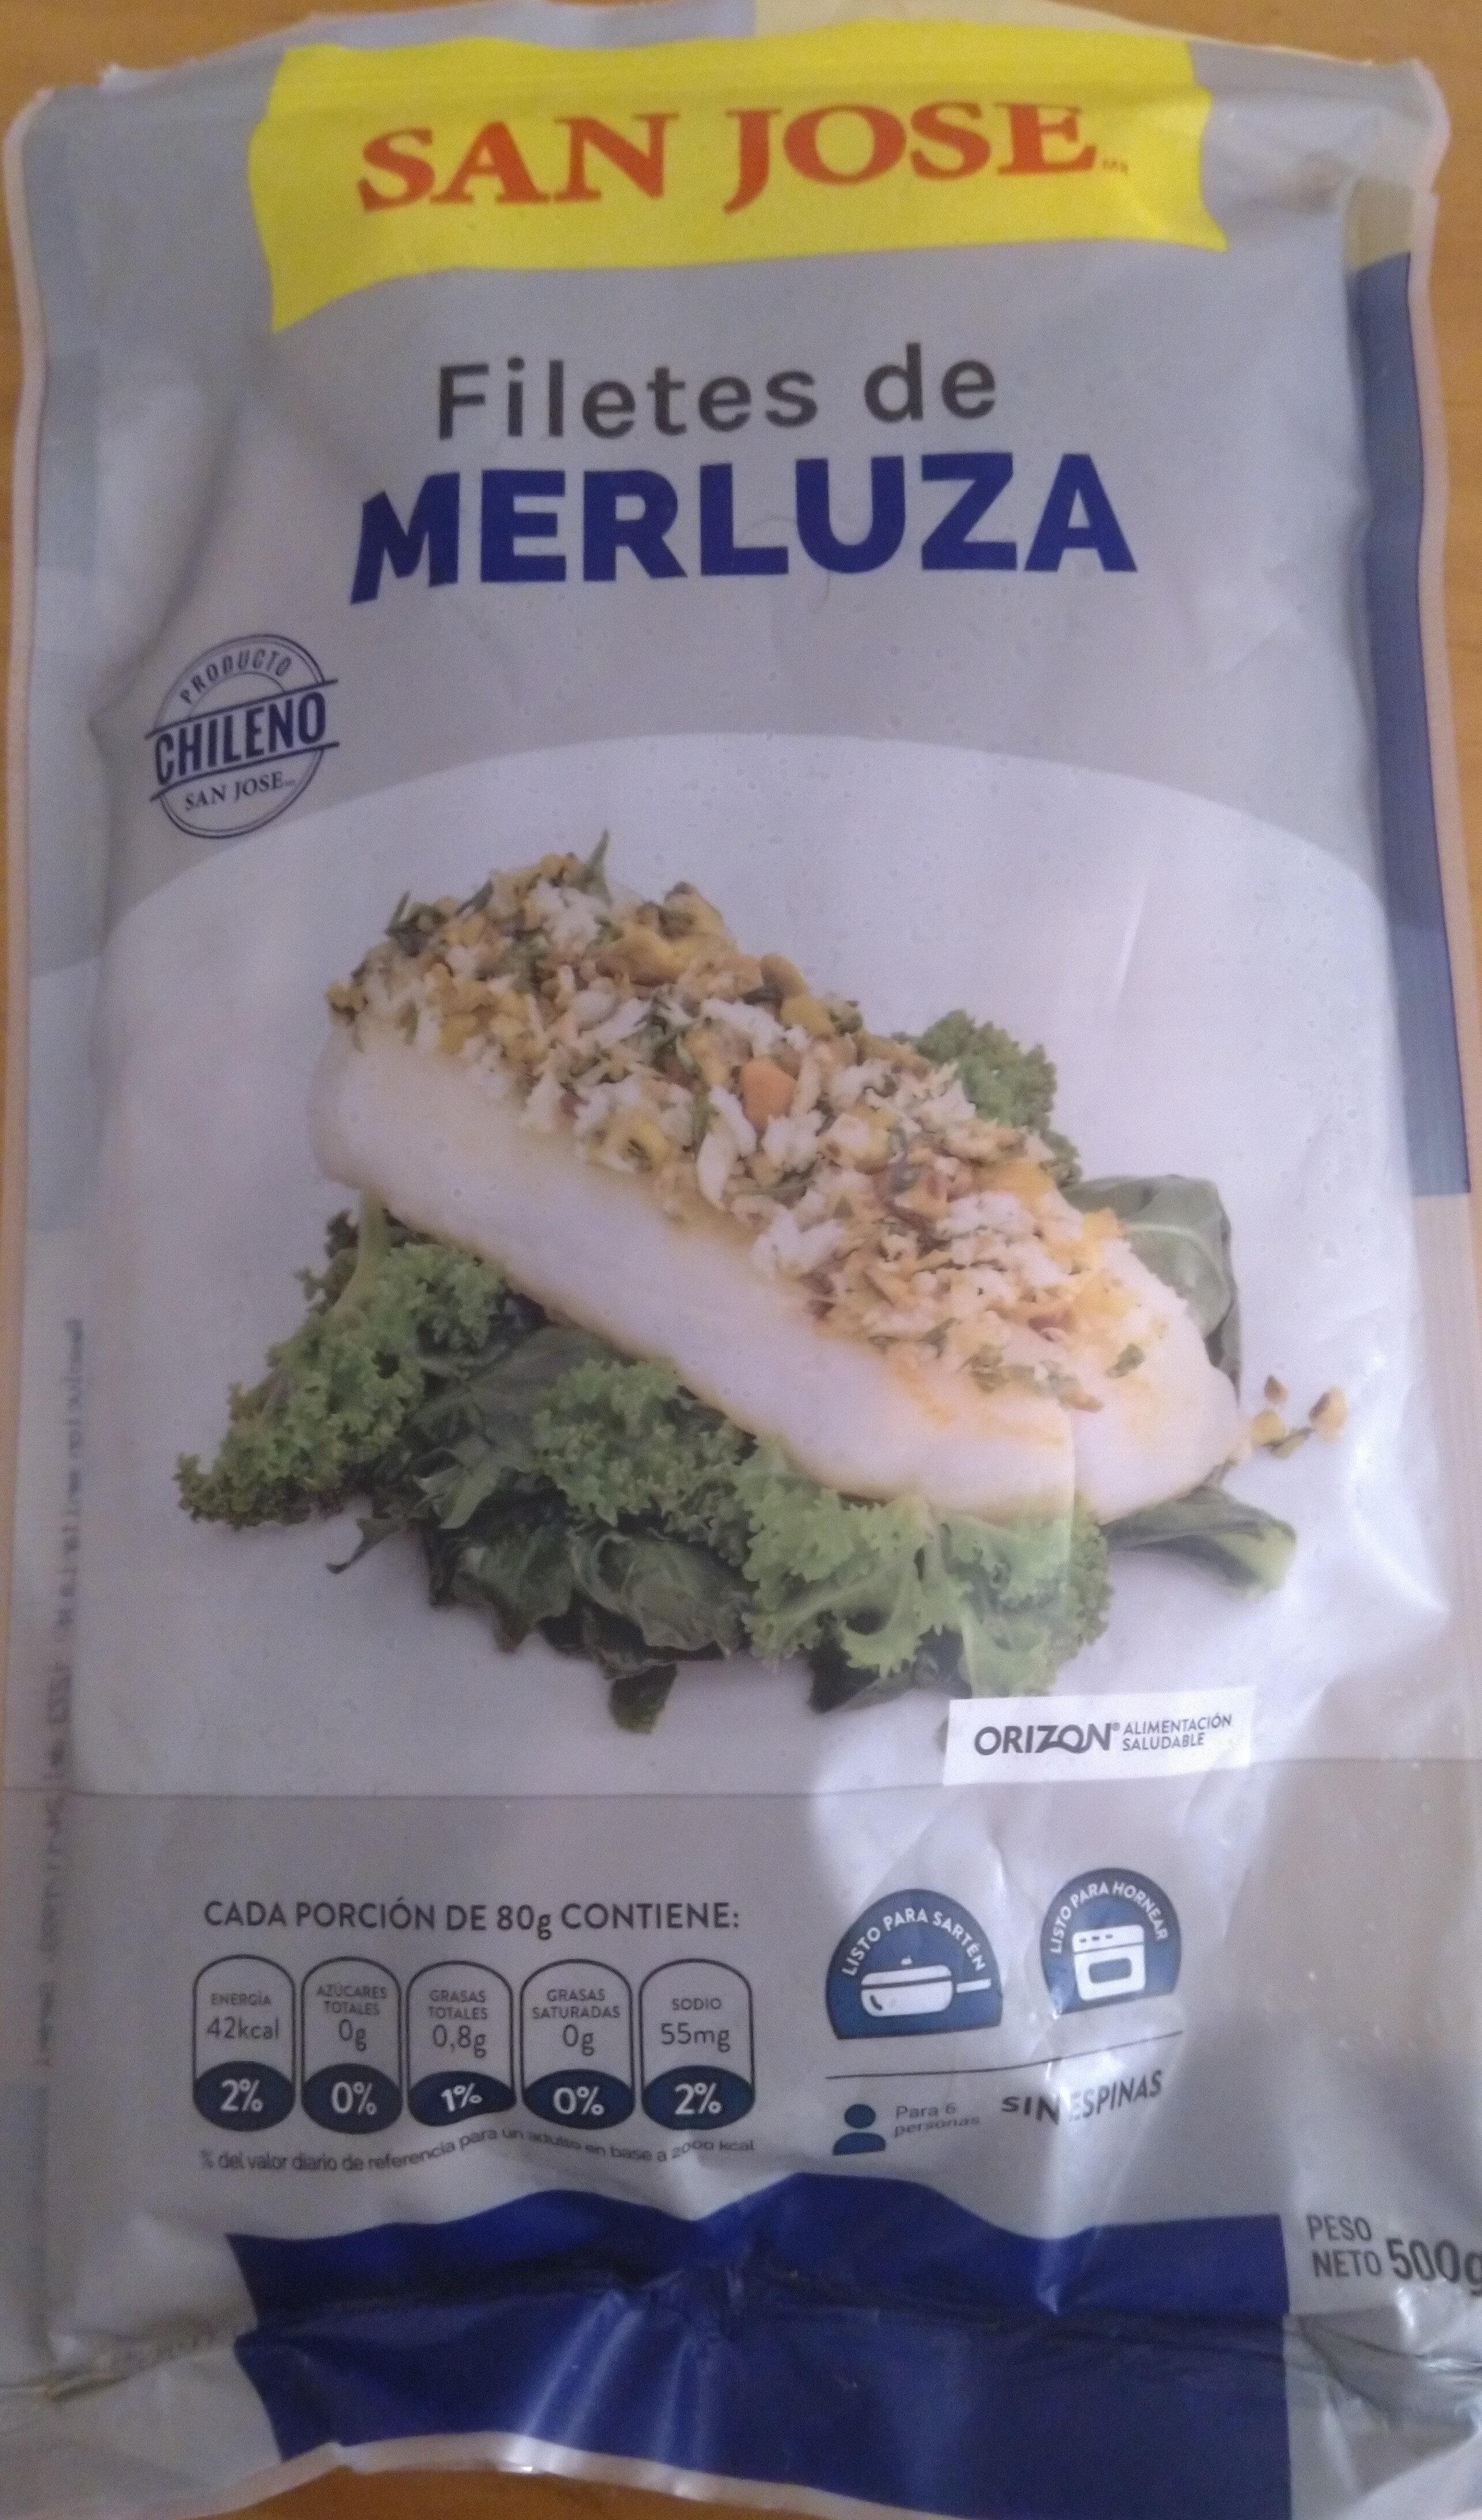 Filetes de merluza - Product - es